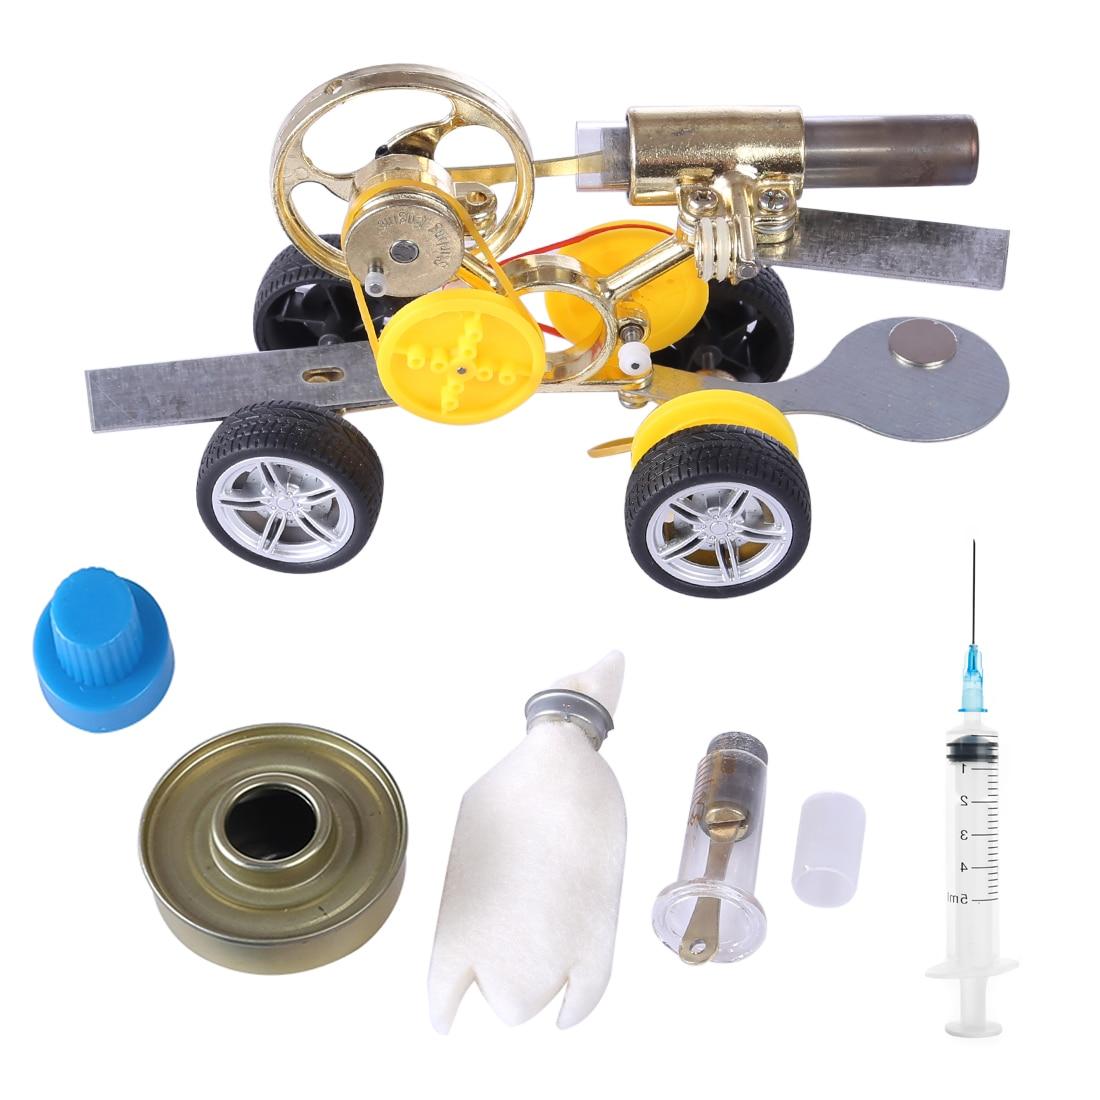 Surwish Stirling moteur conduite voiture modèle soutien enfants apprentissage Science ensemble classe enseignement jouet Kit